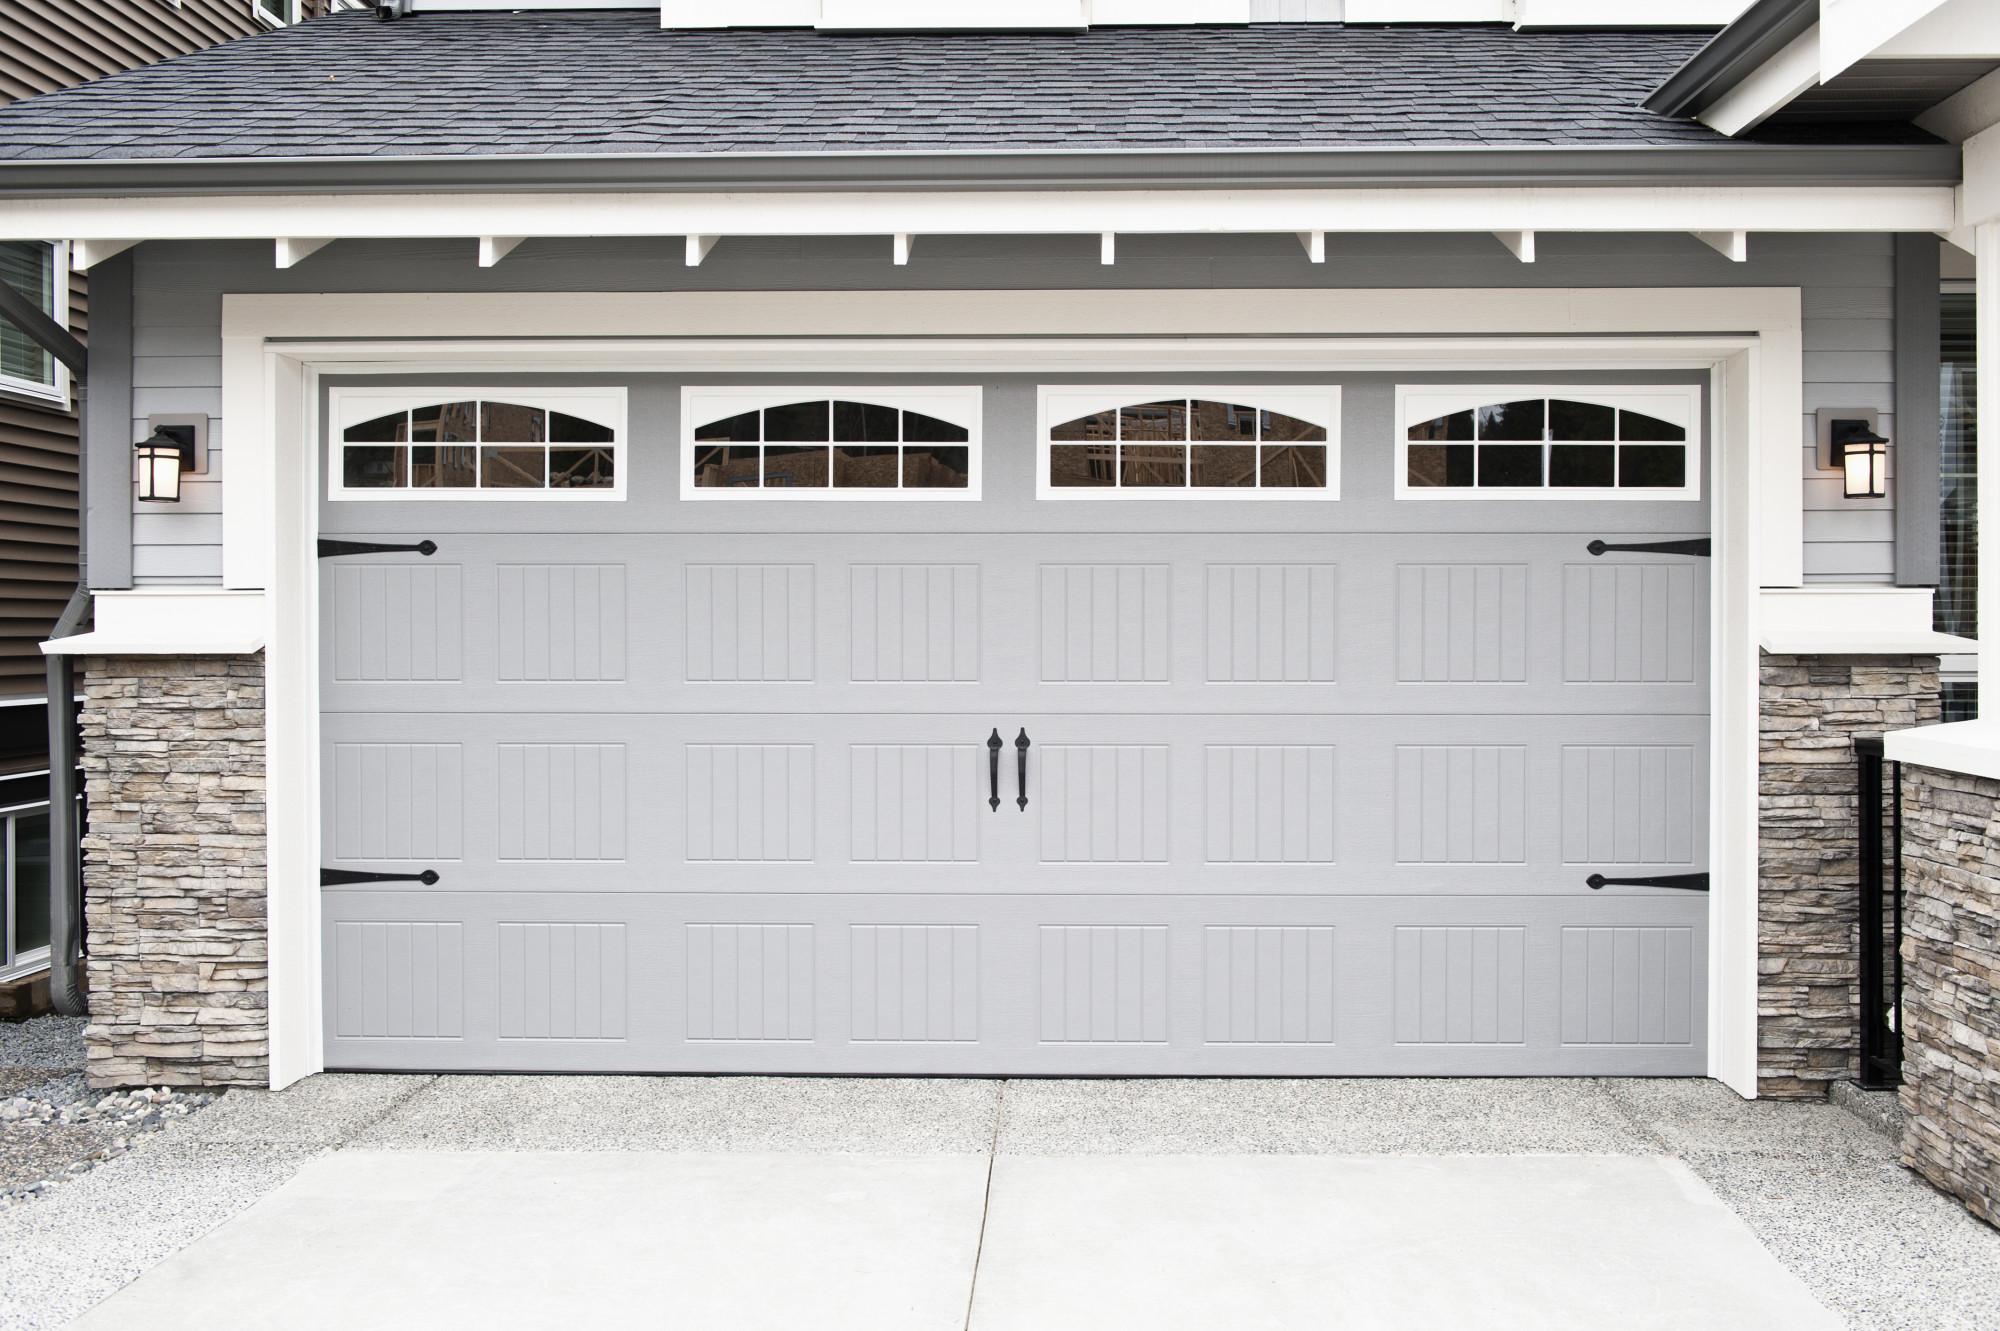 Garage Door Install: 5 Uplifting Reasons to Replace Your Garage Door